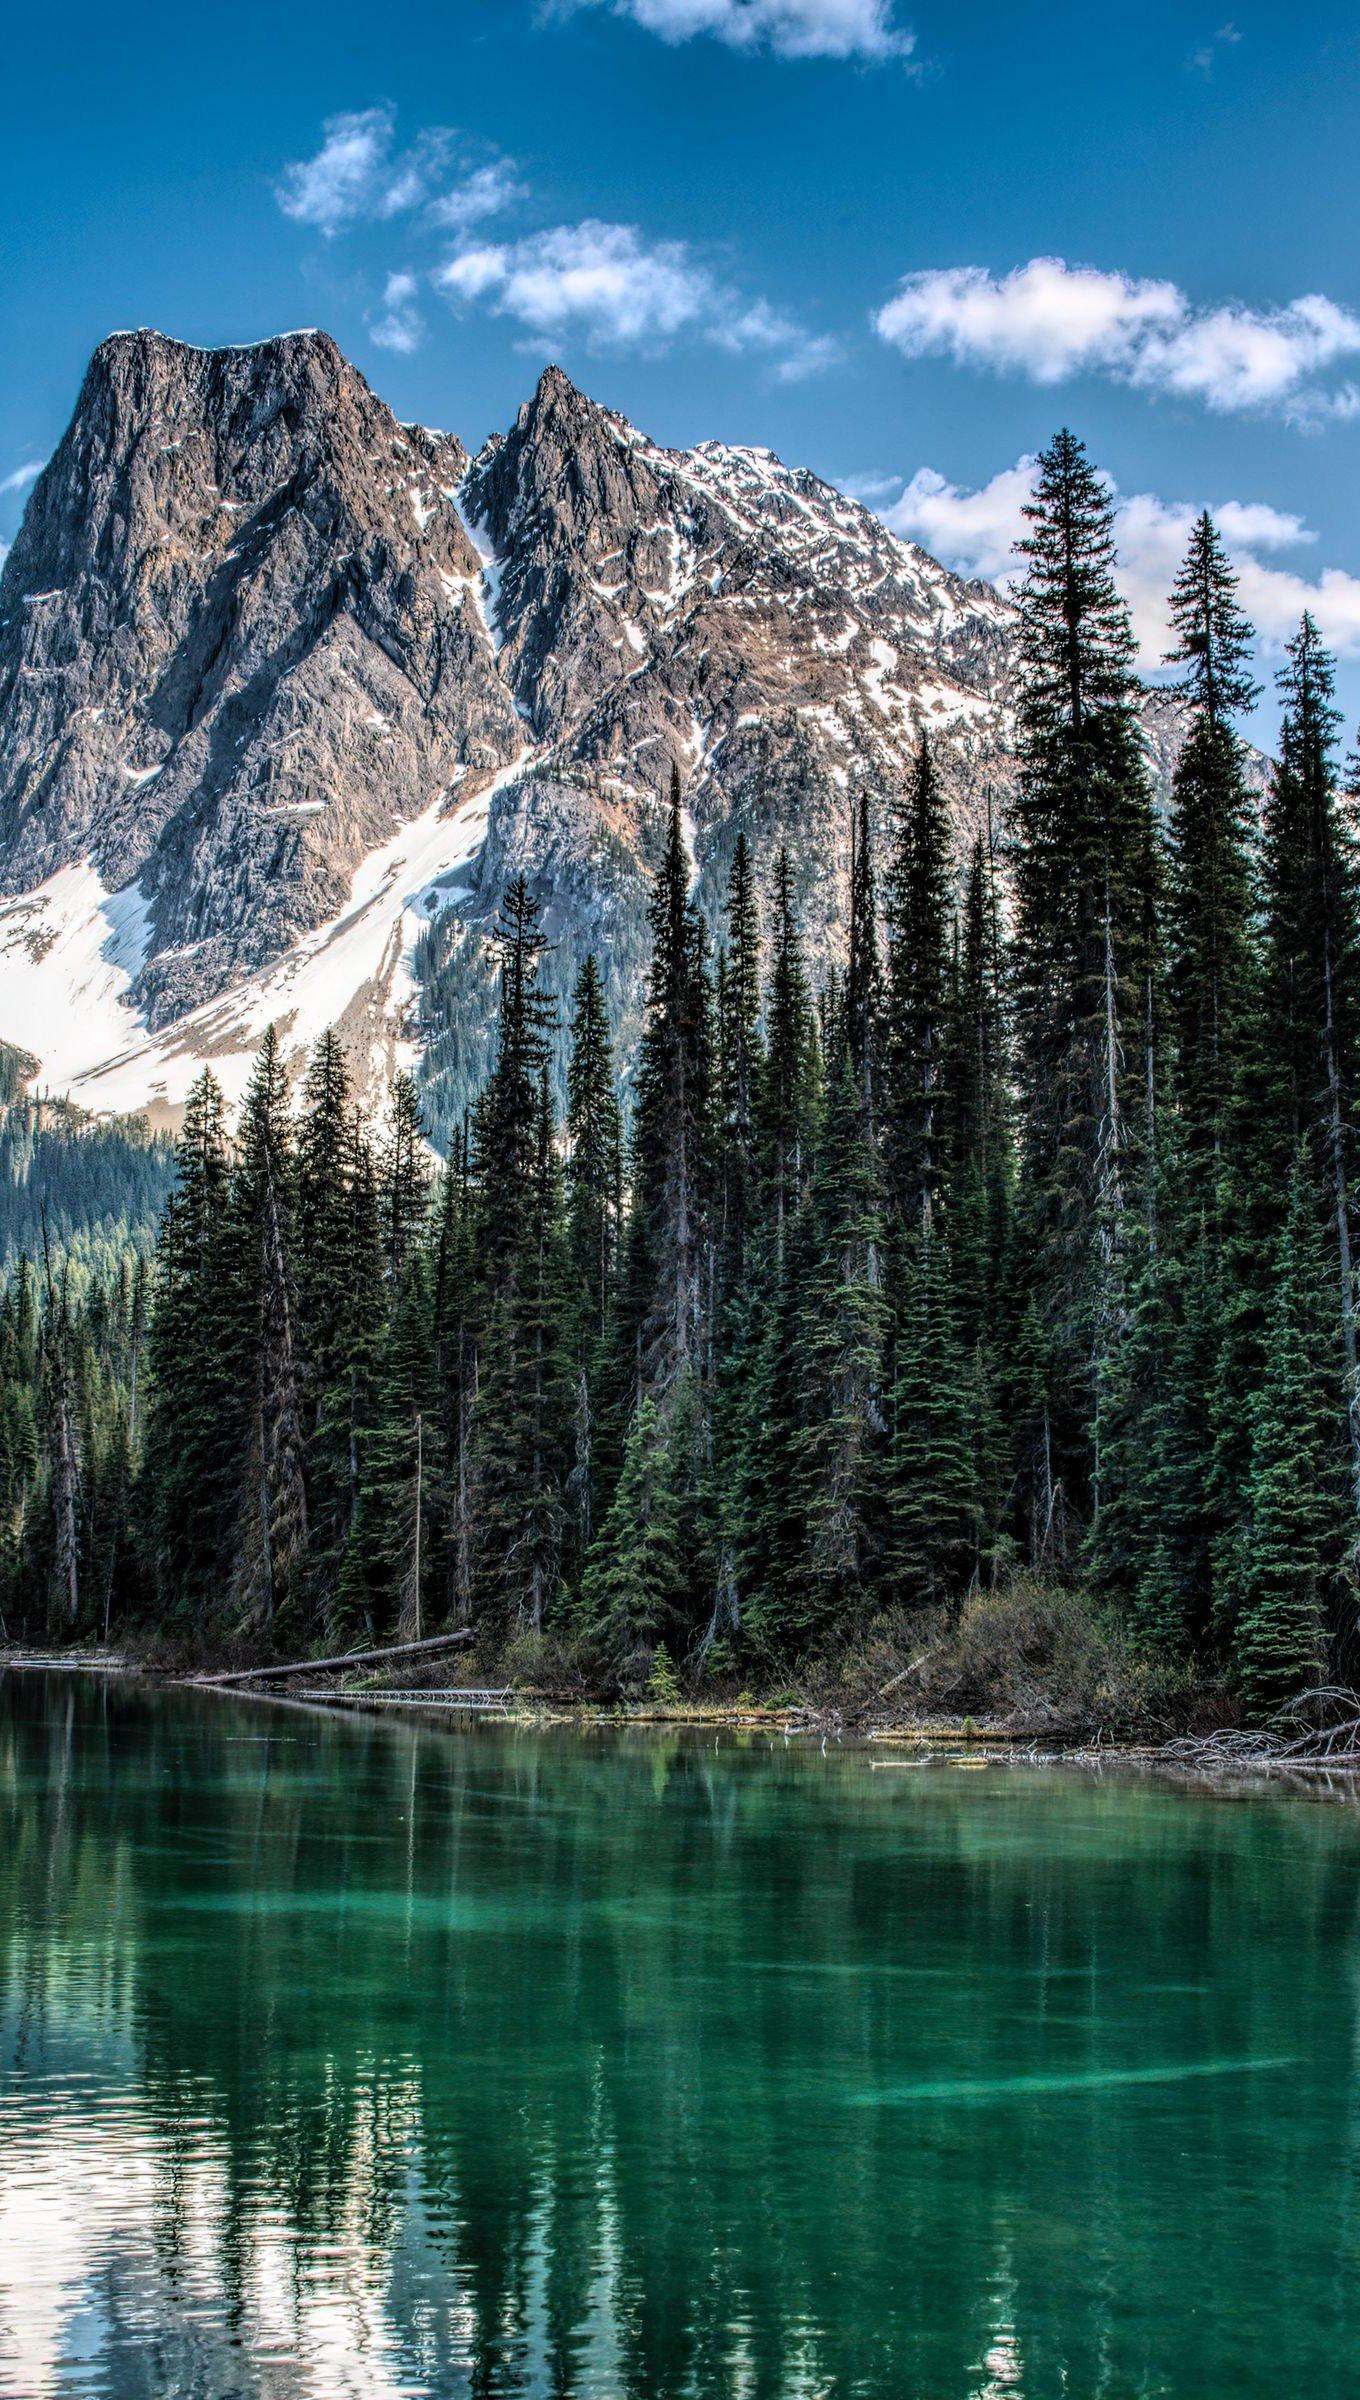 Mountain in forest Wallpaper 4k Ultra HD ID:5769